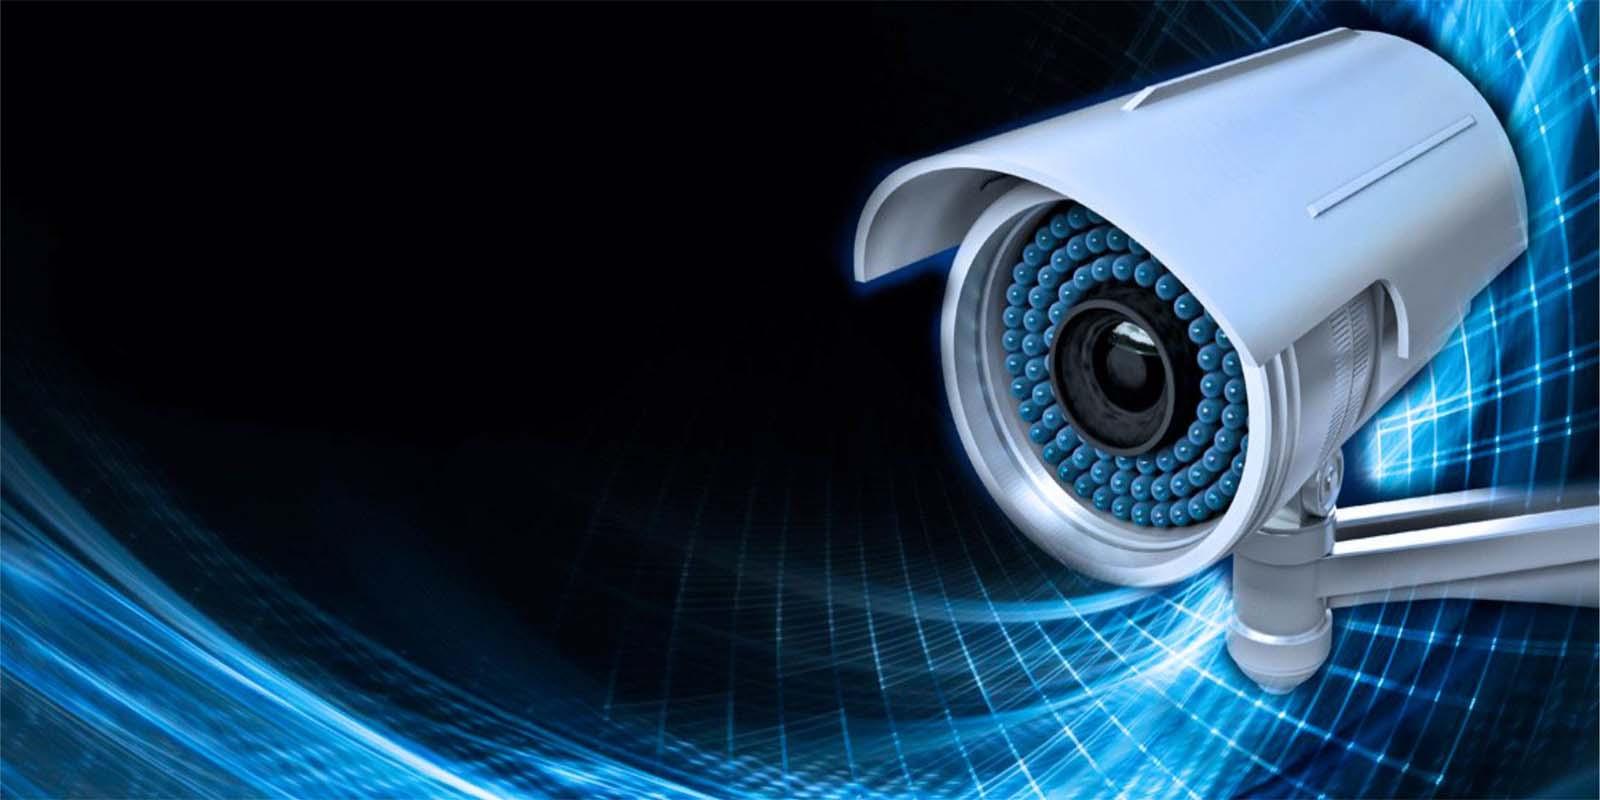 سیستم های امنیتی و هوشمند